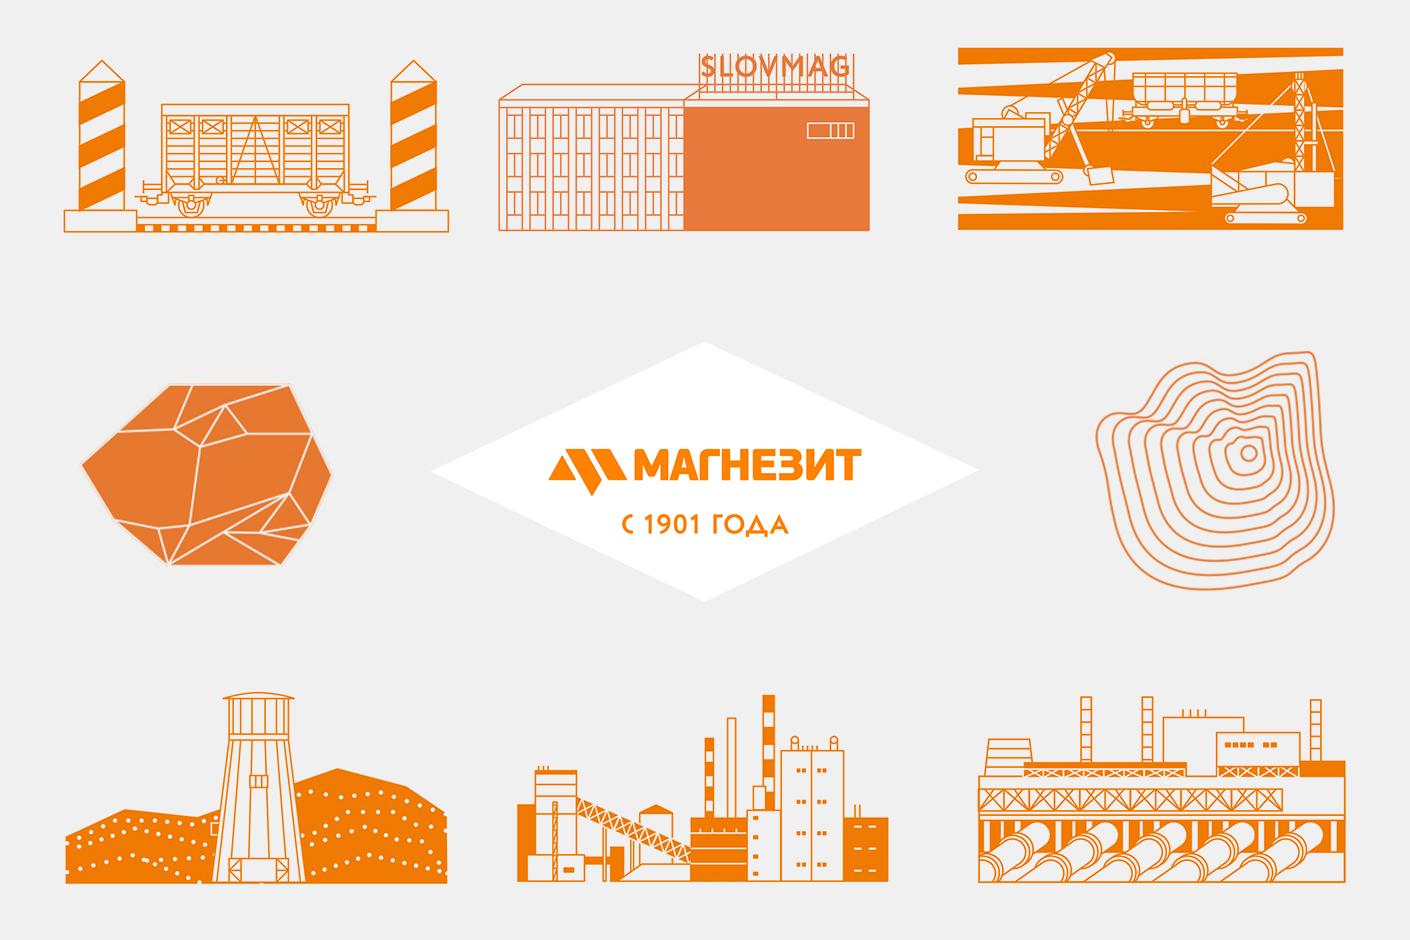 Корпоративные презентационные материалы к юбилею компании «Магнезит»